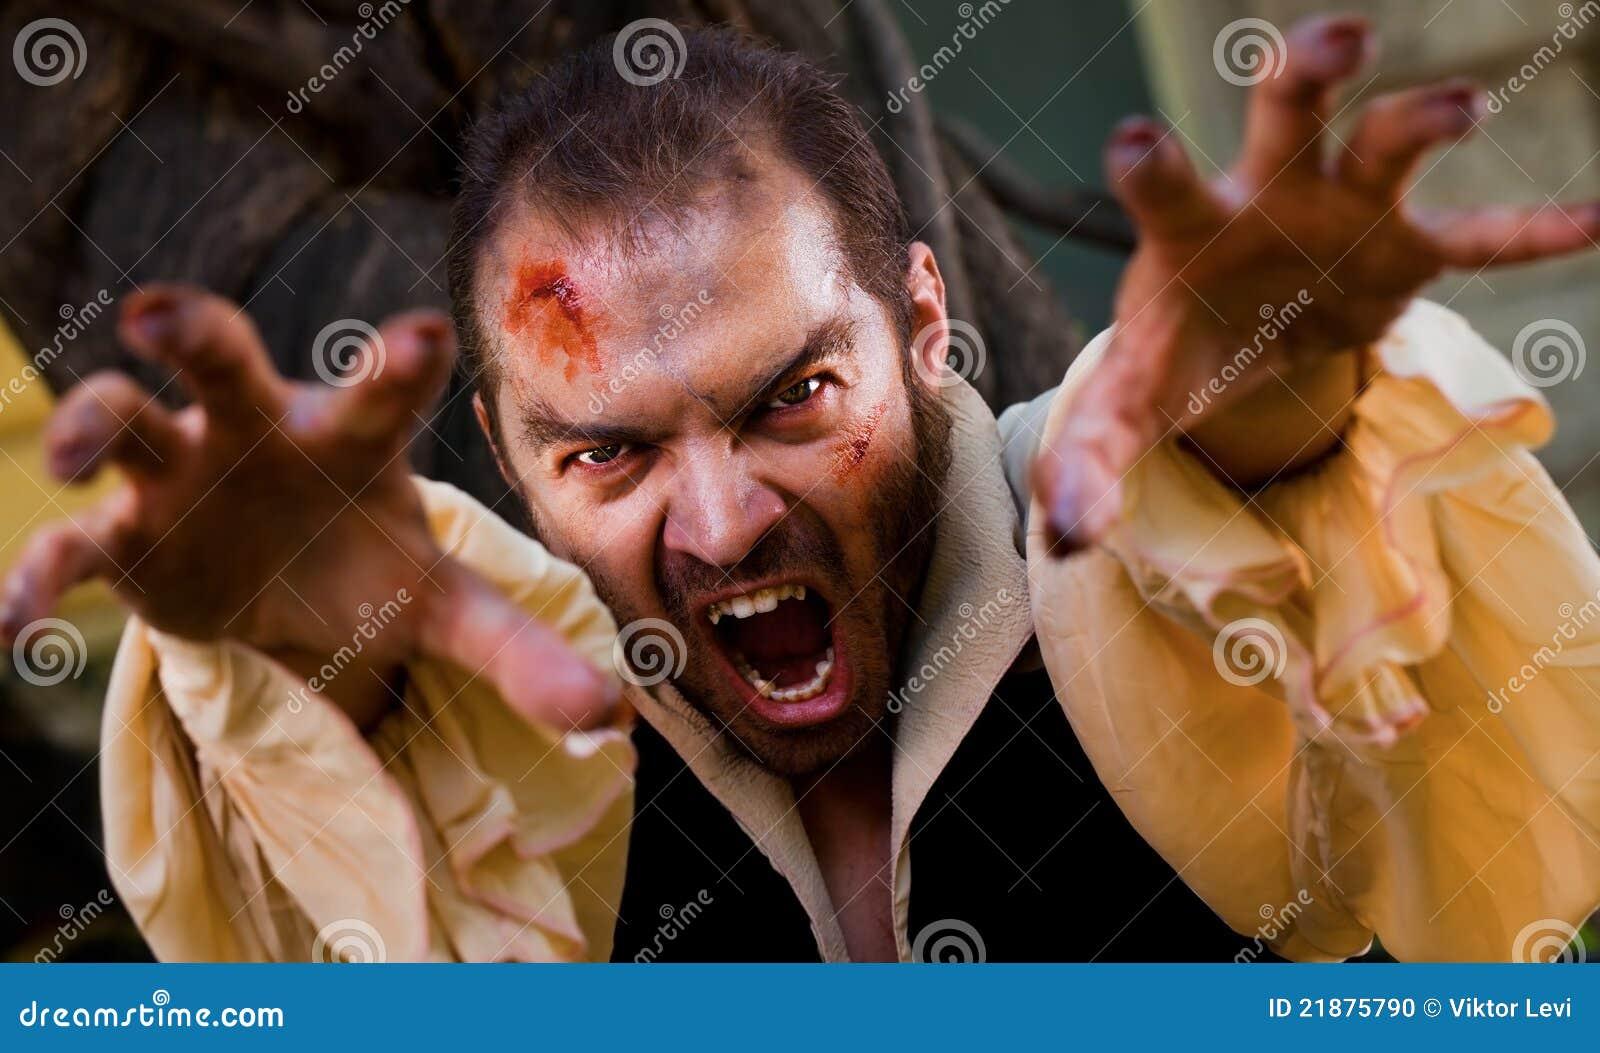 Evil Male Vampire Stock Photo - Image: 21875790